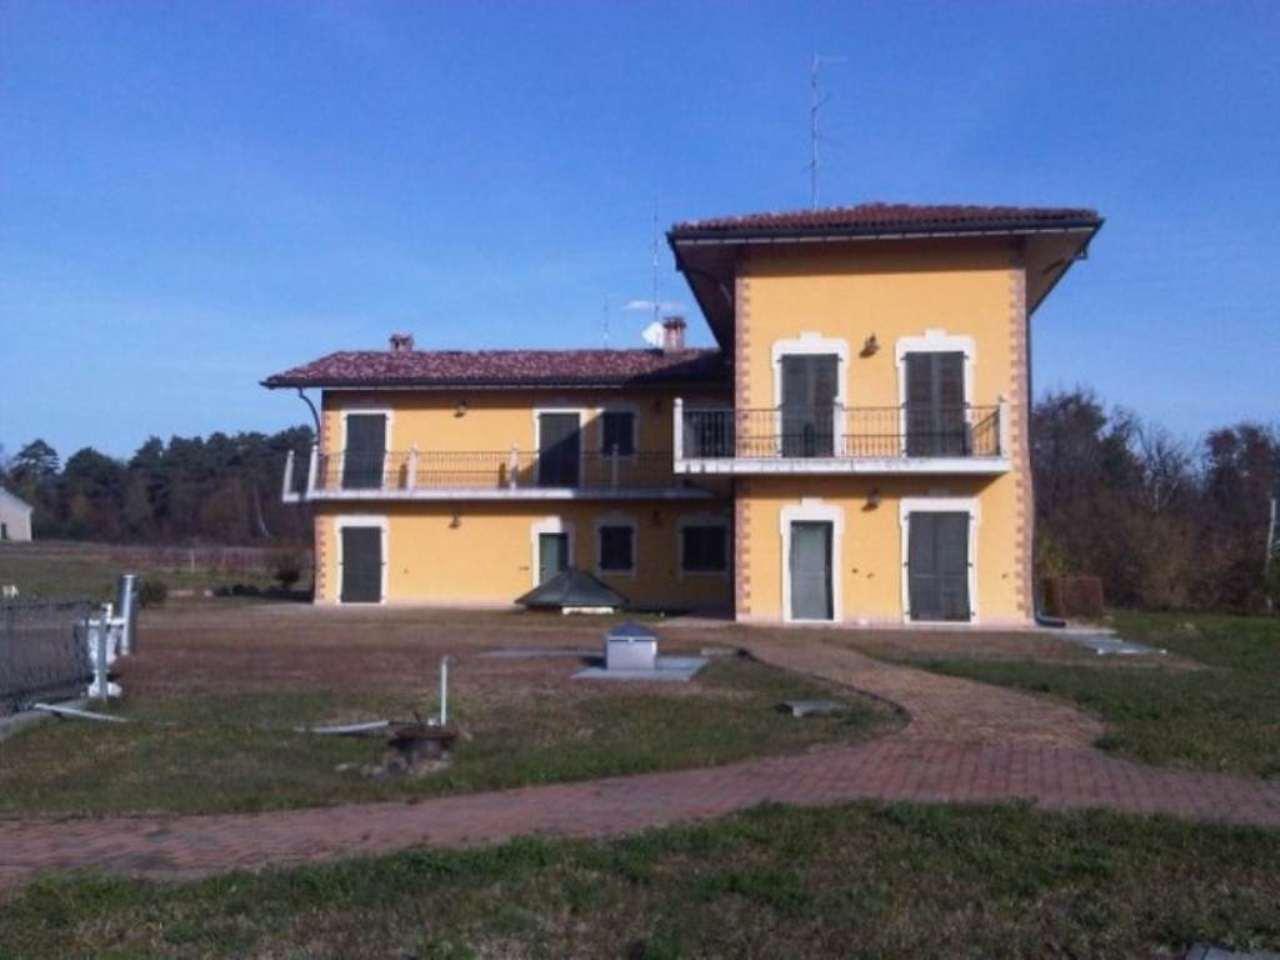 Soluzione Indipendente in vendita a Castiglione Olona, 6 locali, prezzo € 2.000.000 | Cambio Casa.it